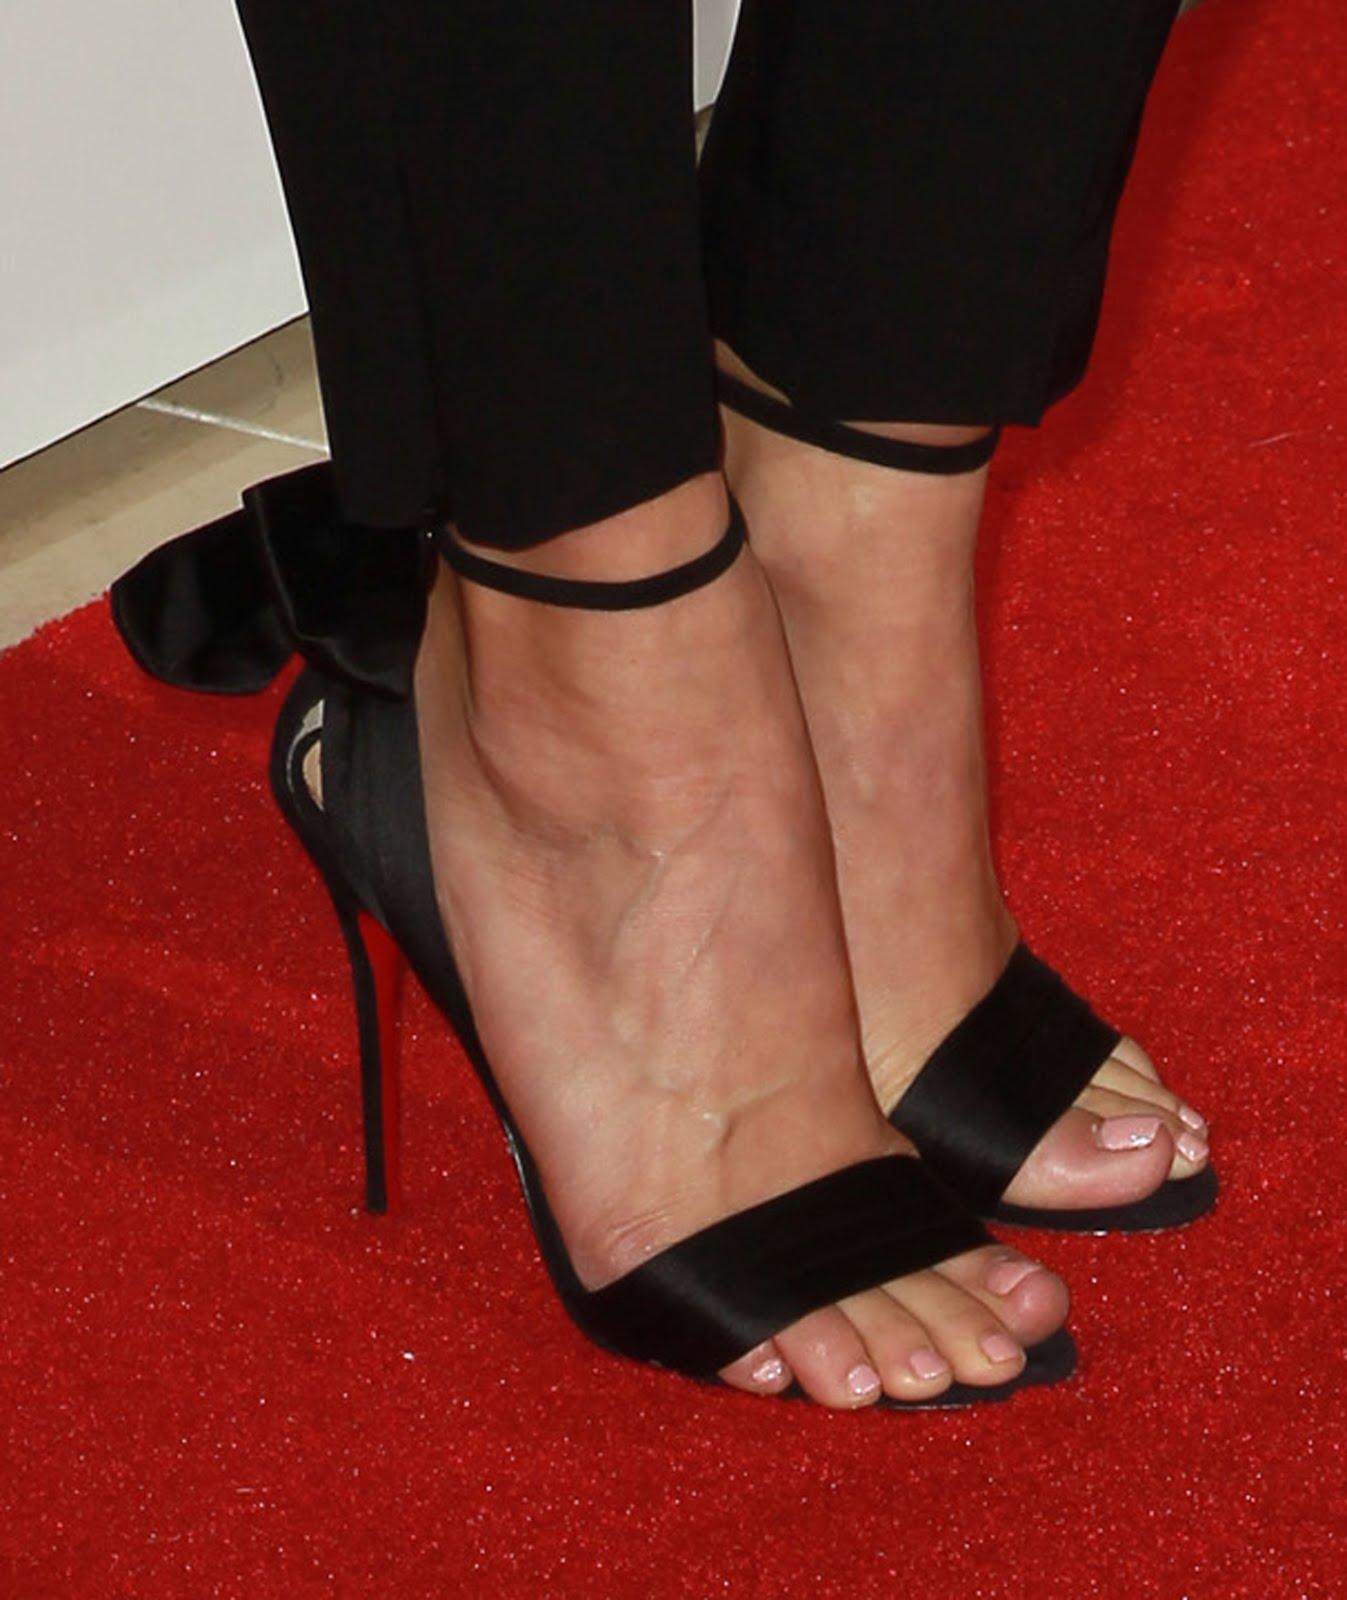 Celebrity Feet: Julianne Hough